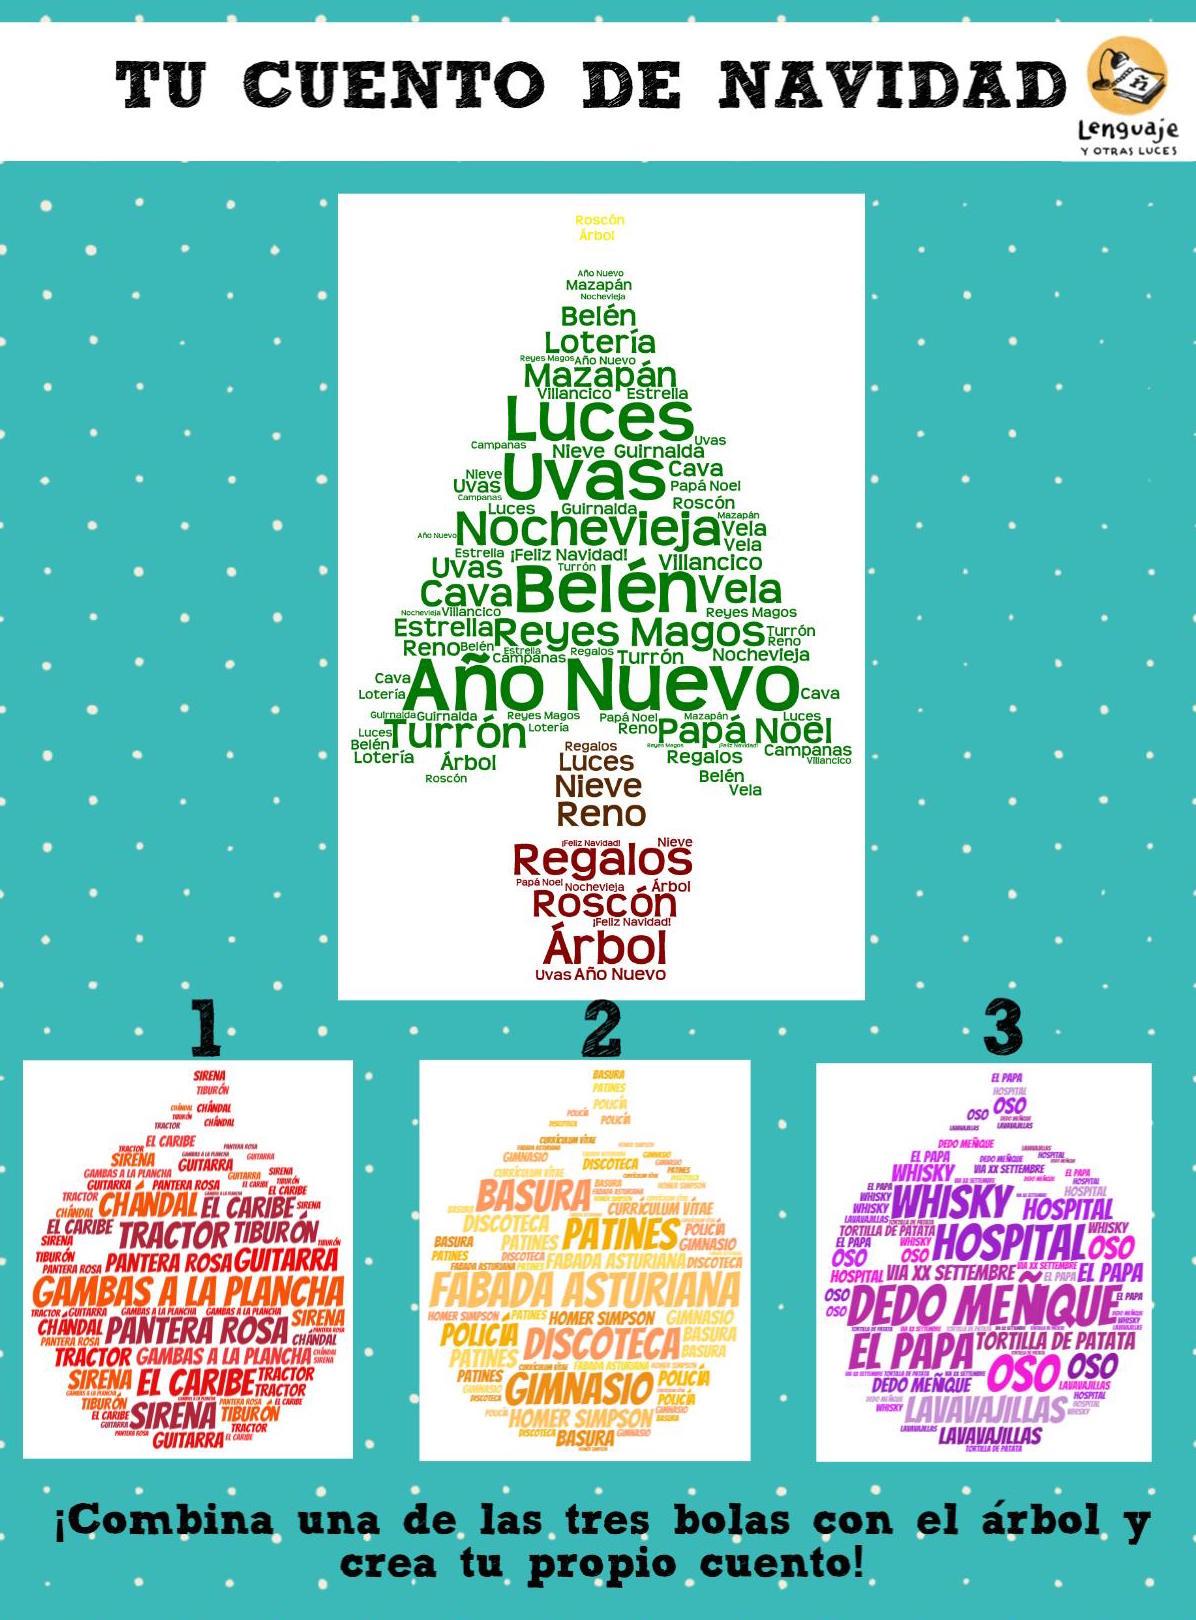 Cuentos de navidad fuera de lo com n lenguaje y otras luces - Cuento del arbol de navidad ...